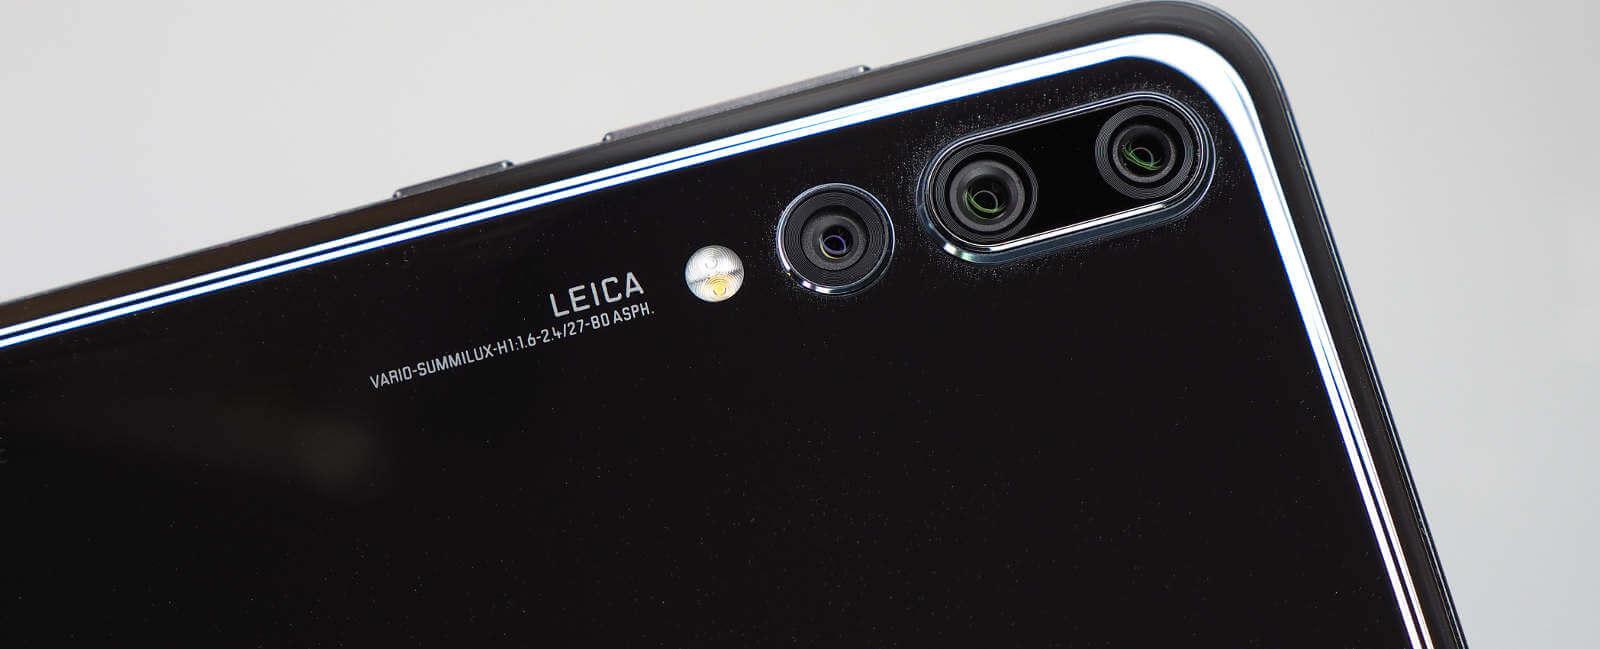 Обзор Huawei P20 Pro: камера, оценки DxOMark